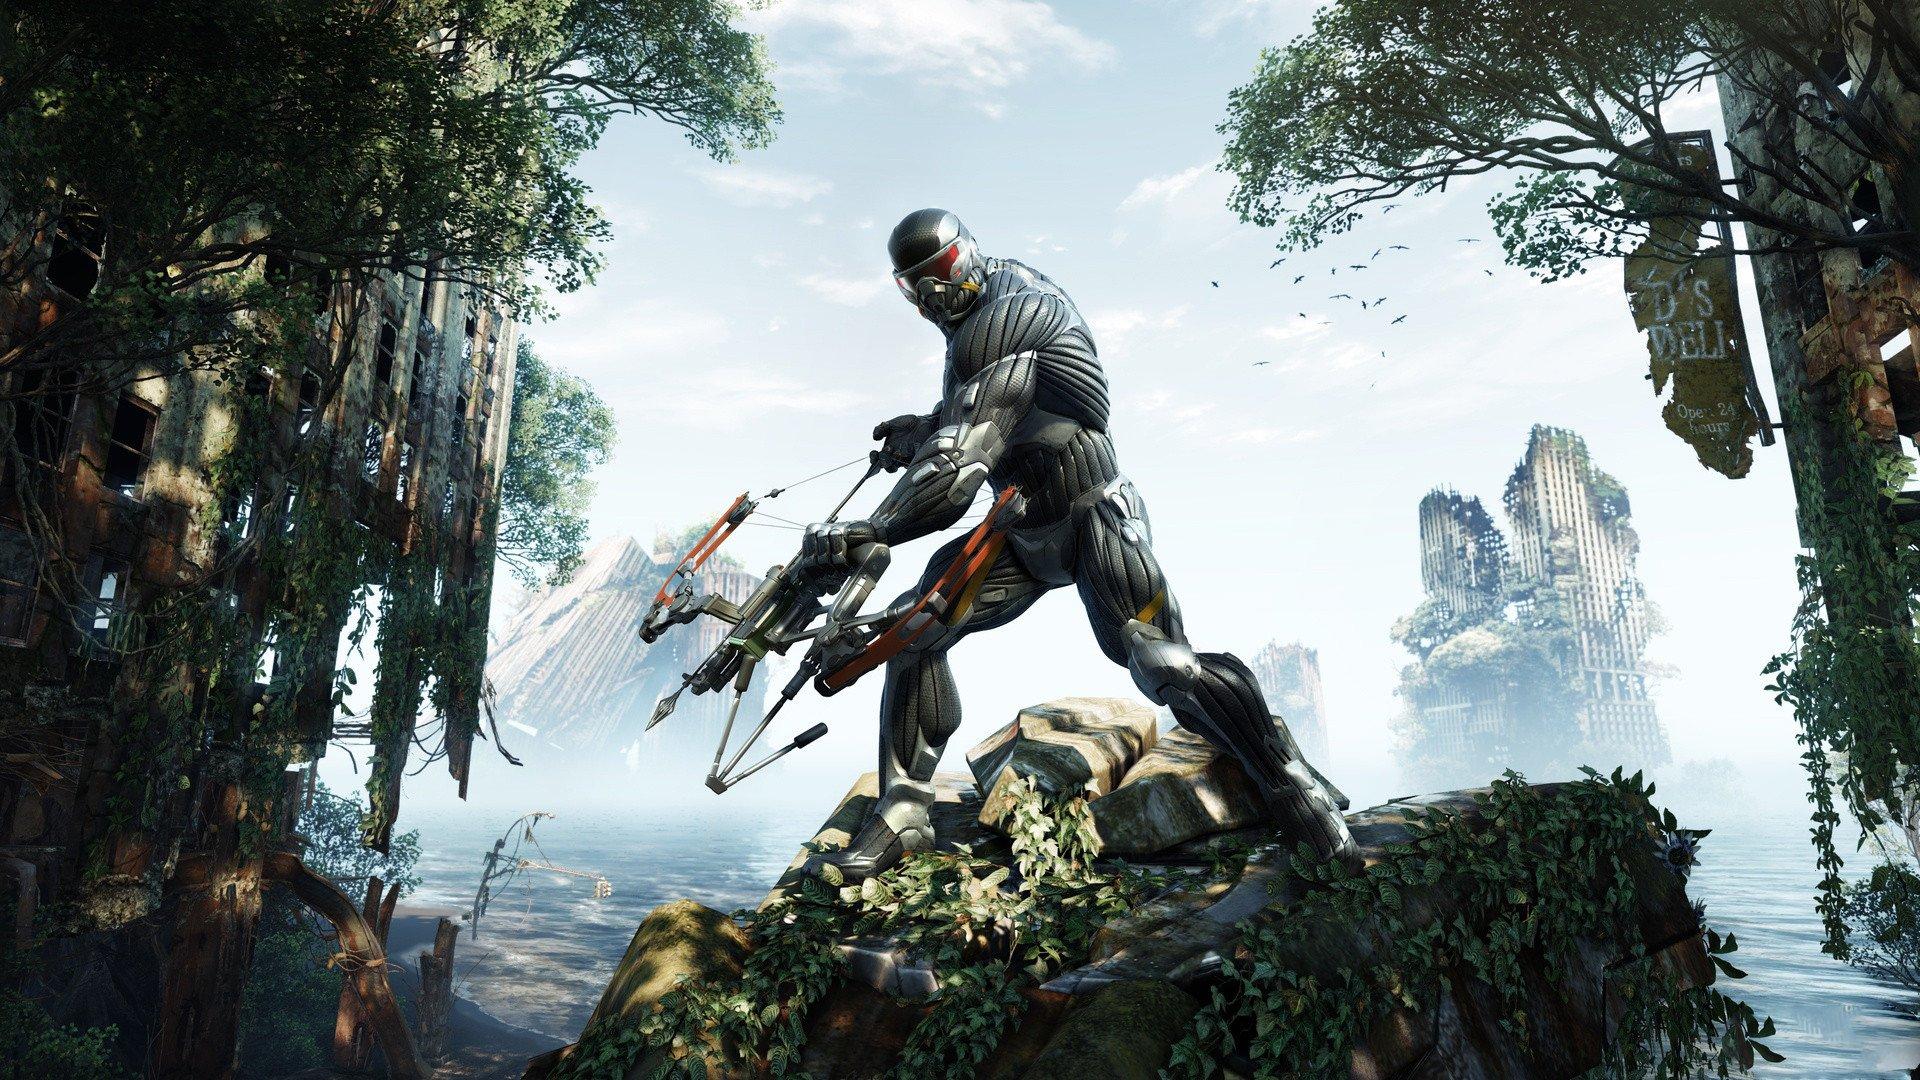 Crytek собирается поддерживать Crysis 3 загружаемыми дополнениями - Изображение 1